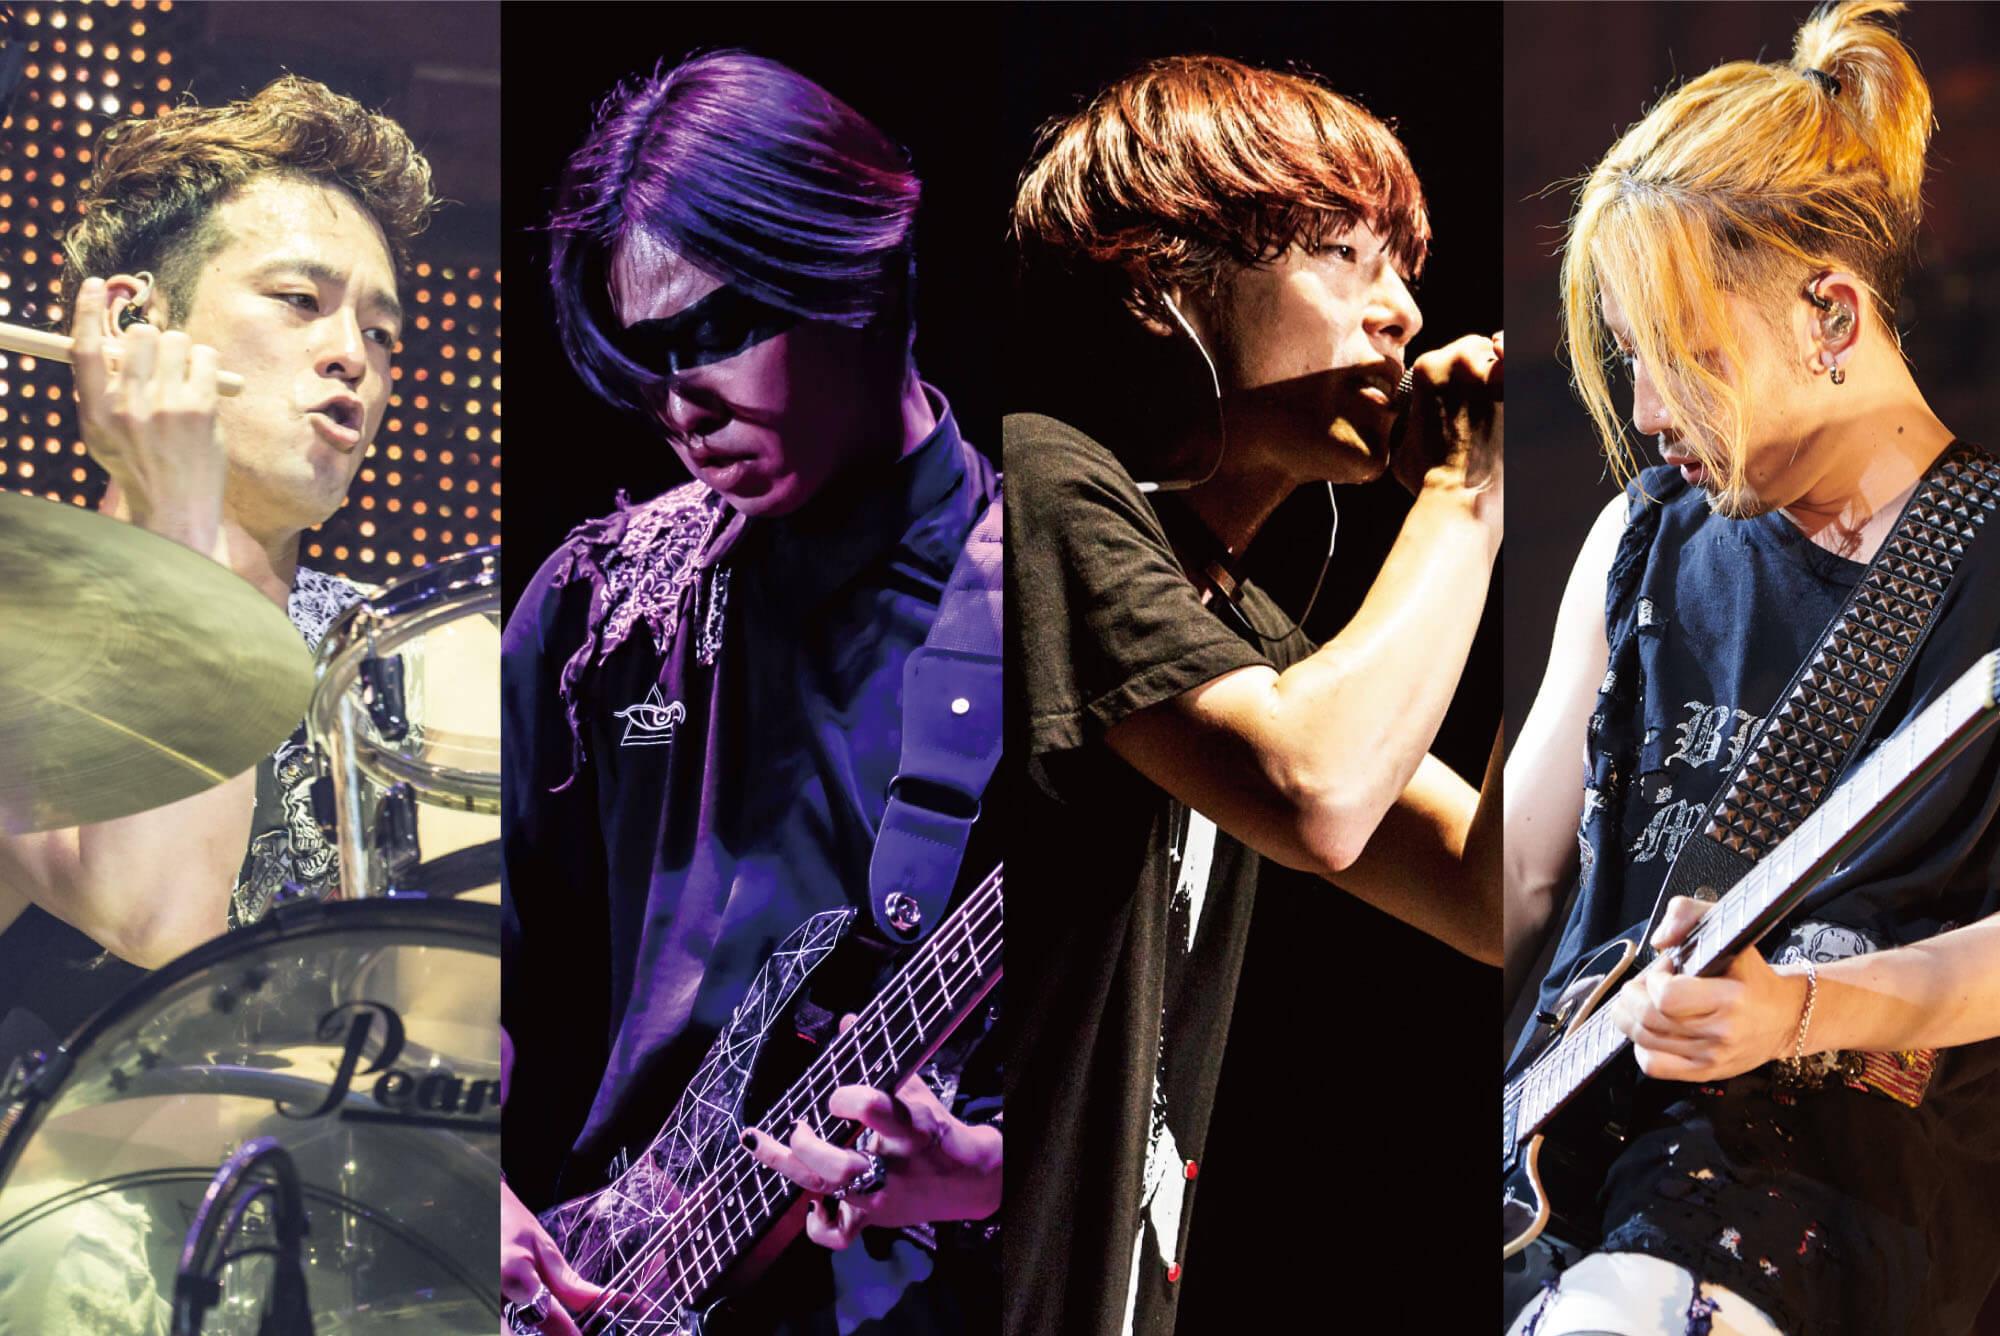 舉辦了世界巡迴的SPYAIR 收錄日本國內展演廳巡迴的Live影像DVD即將發售 SPYAIR_、